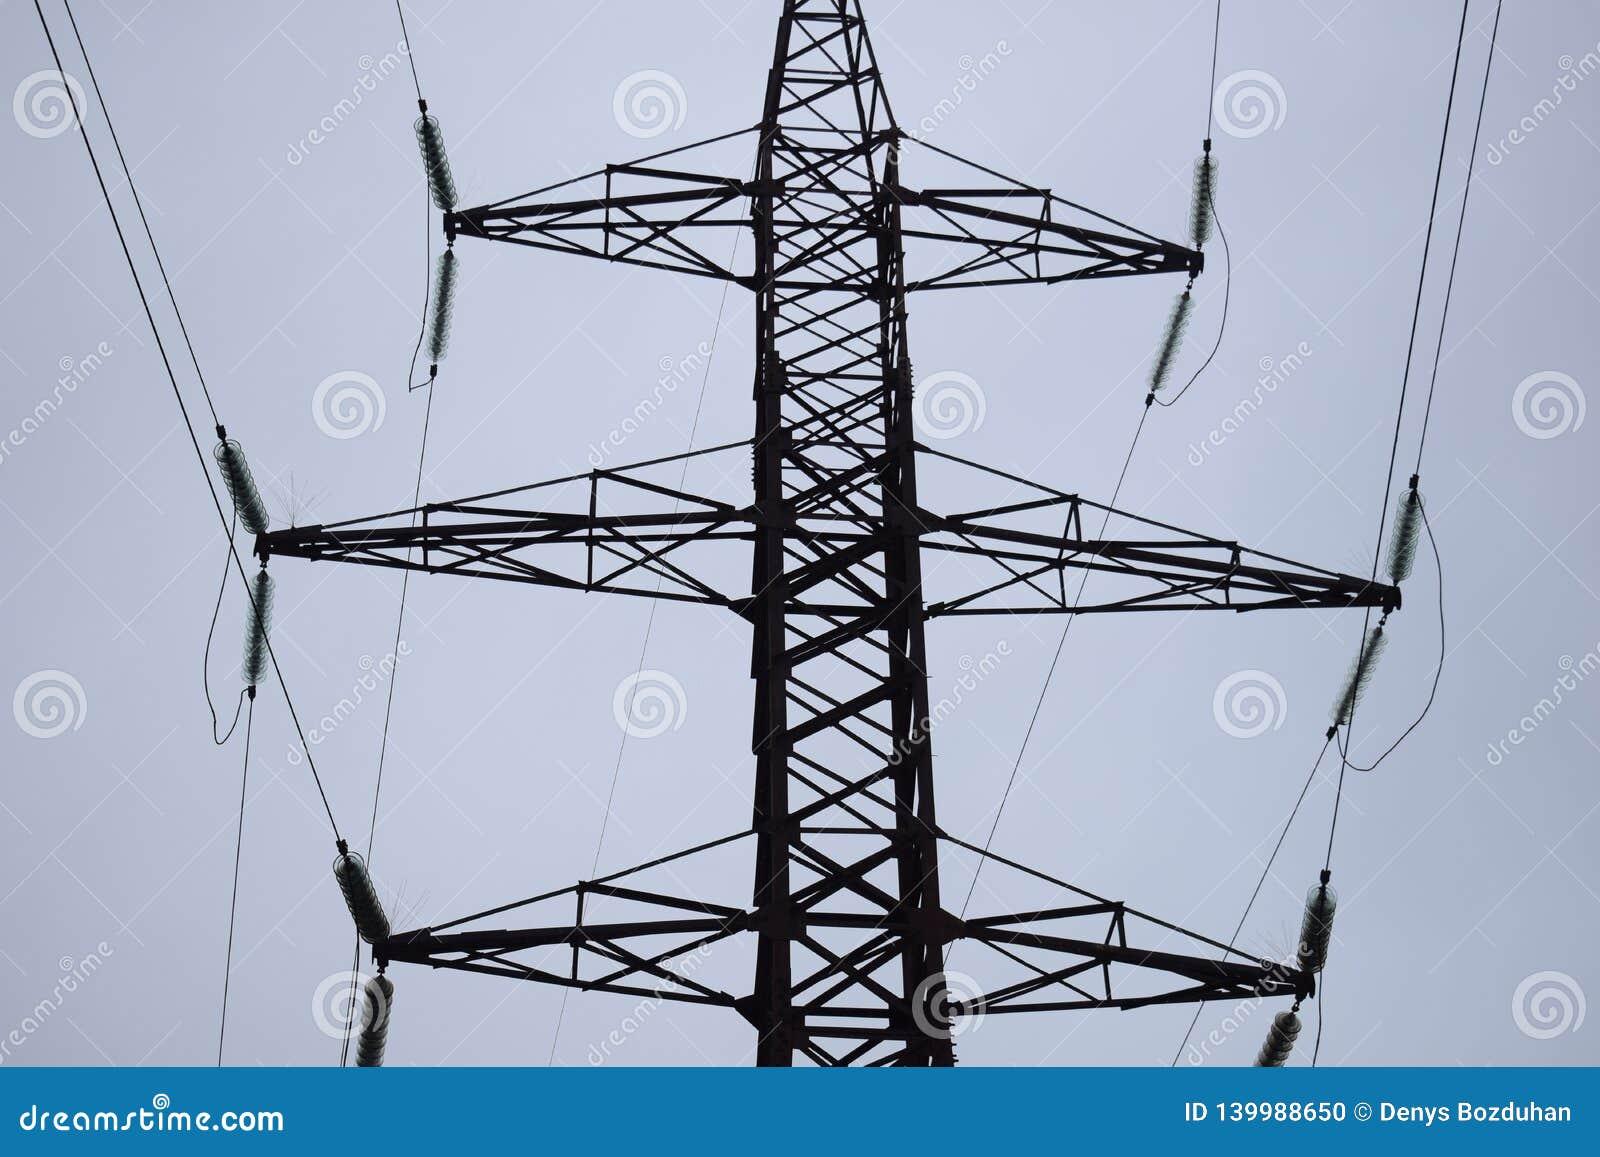 Linjer för lufthög-spänning överföring av elektrisk energi Över huvudet linjer lägger elektricitet ovanför jordning till och med